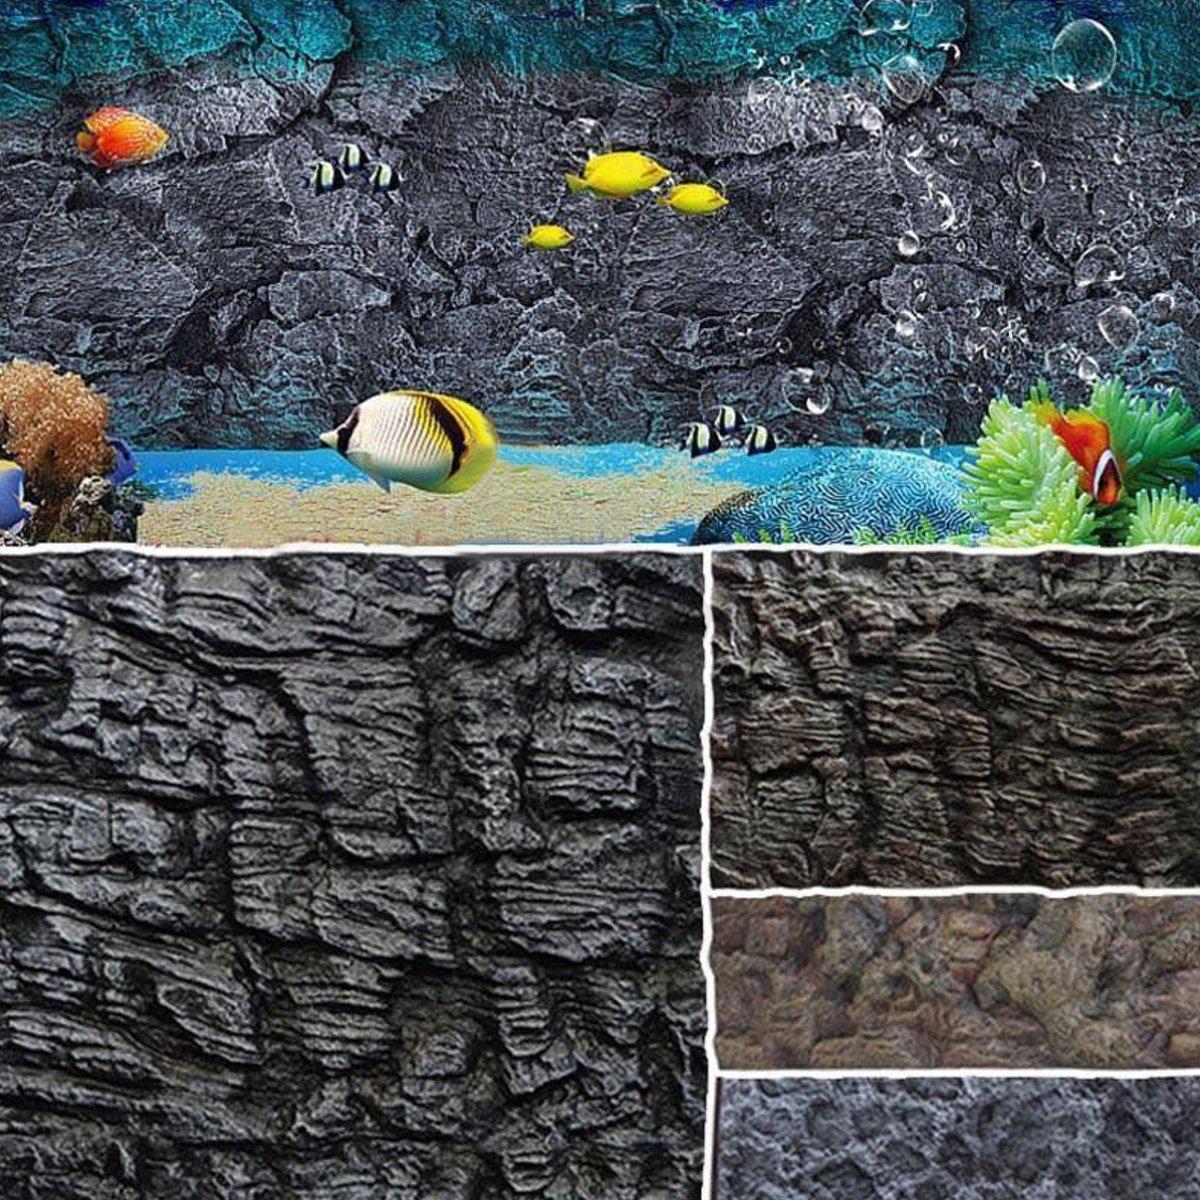 2x 3d aquarium hintergrund terrarium r ckwand steine aquariumr ckwand 60x45cm ebay - 3d ruckwand aquarium 150x60 ...